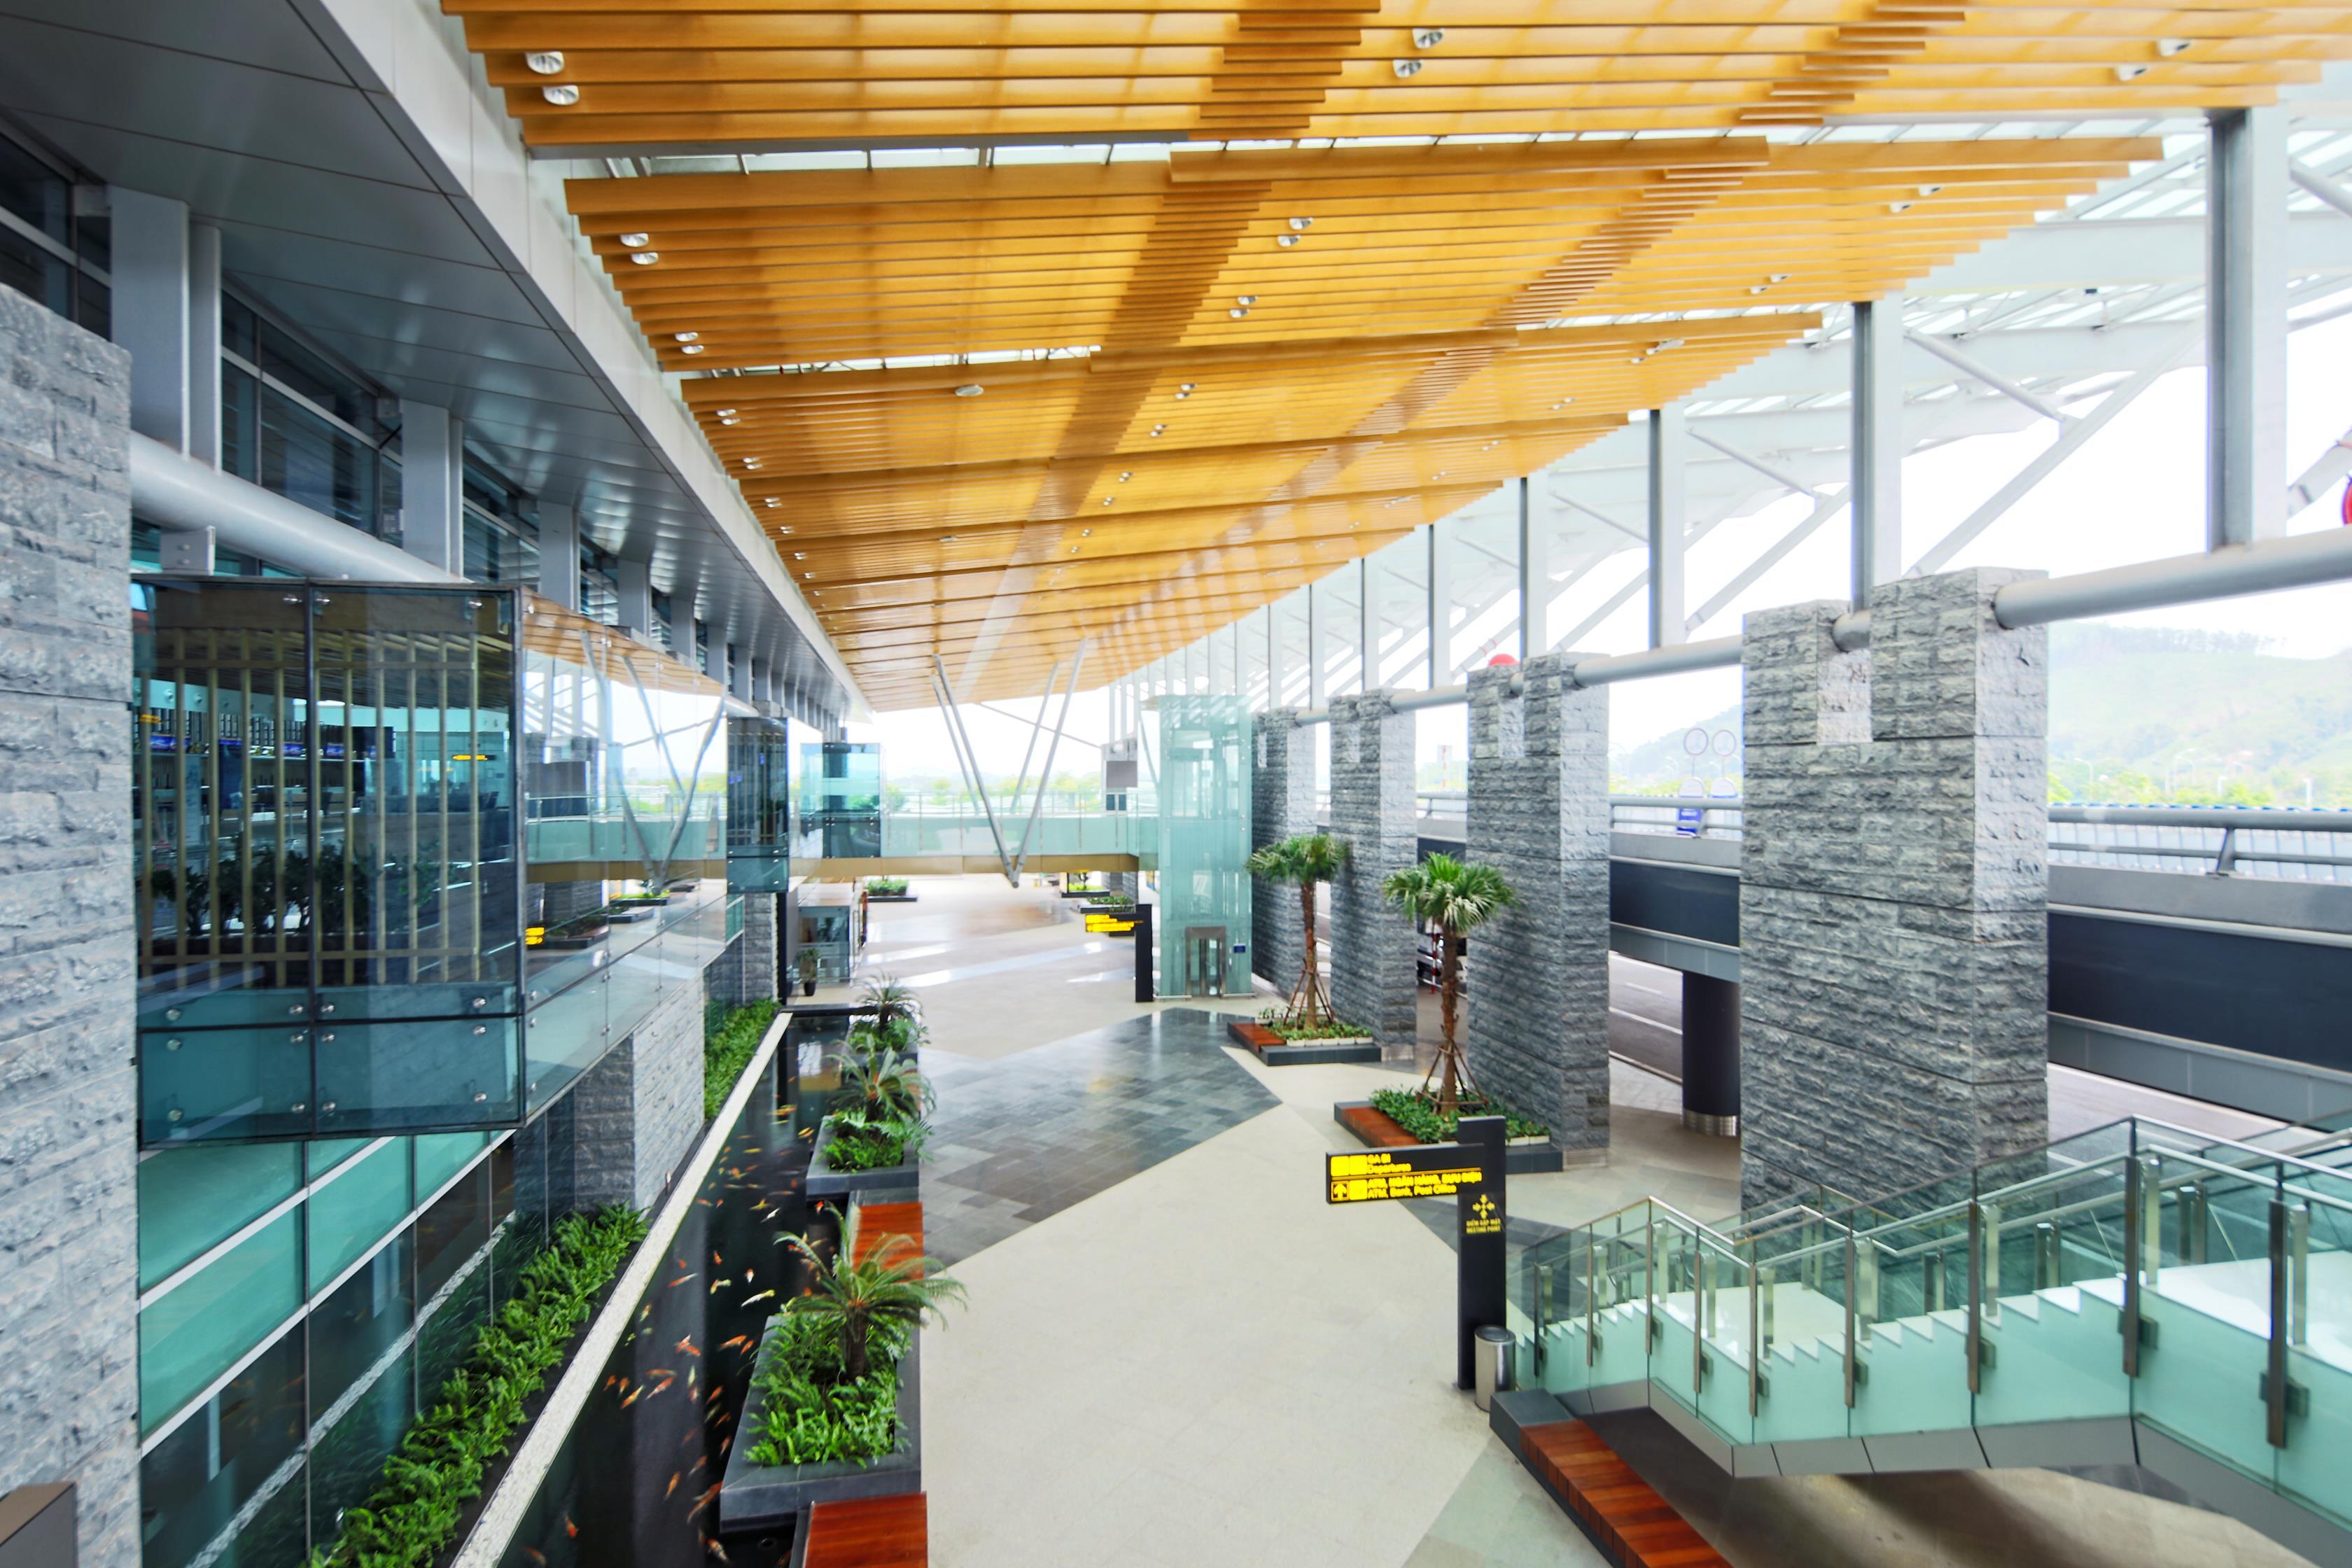 Hệ thống công nghệ tại sân bay hiện đại nhất Việt Nam có gì? 6